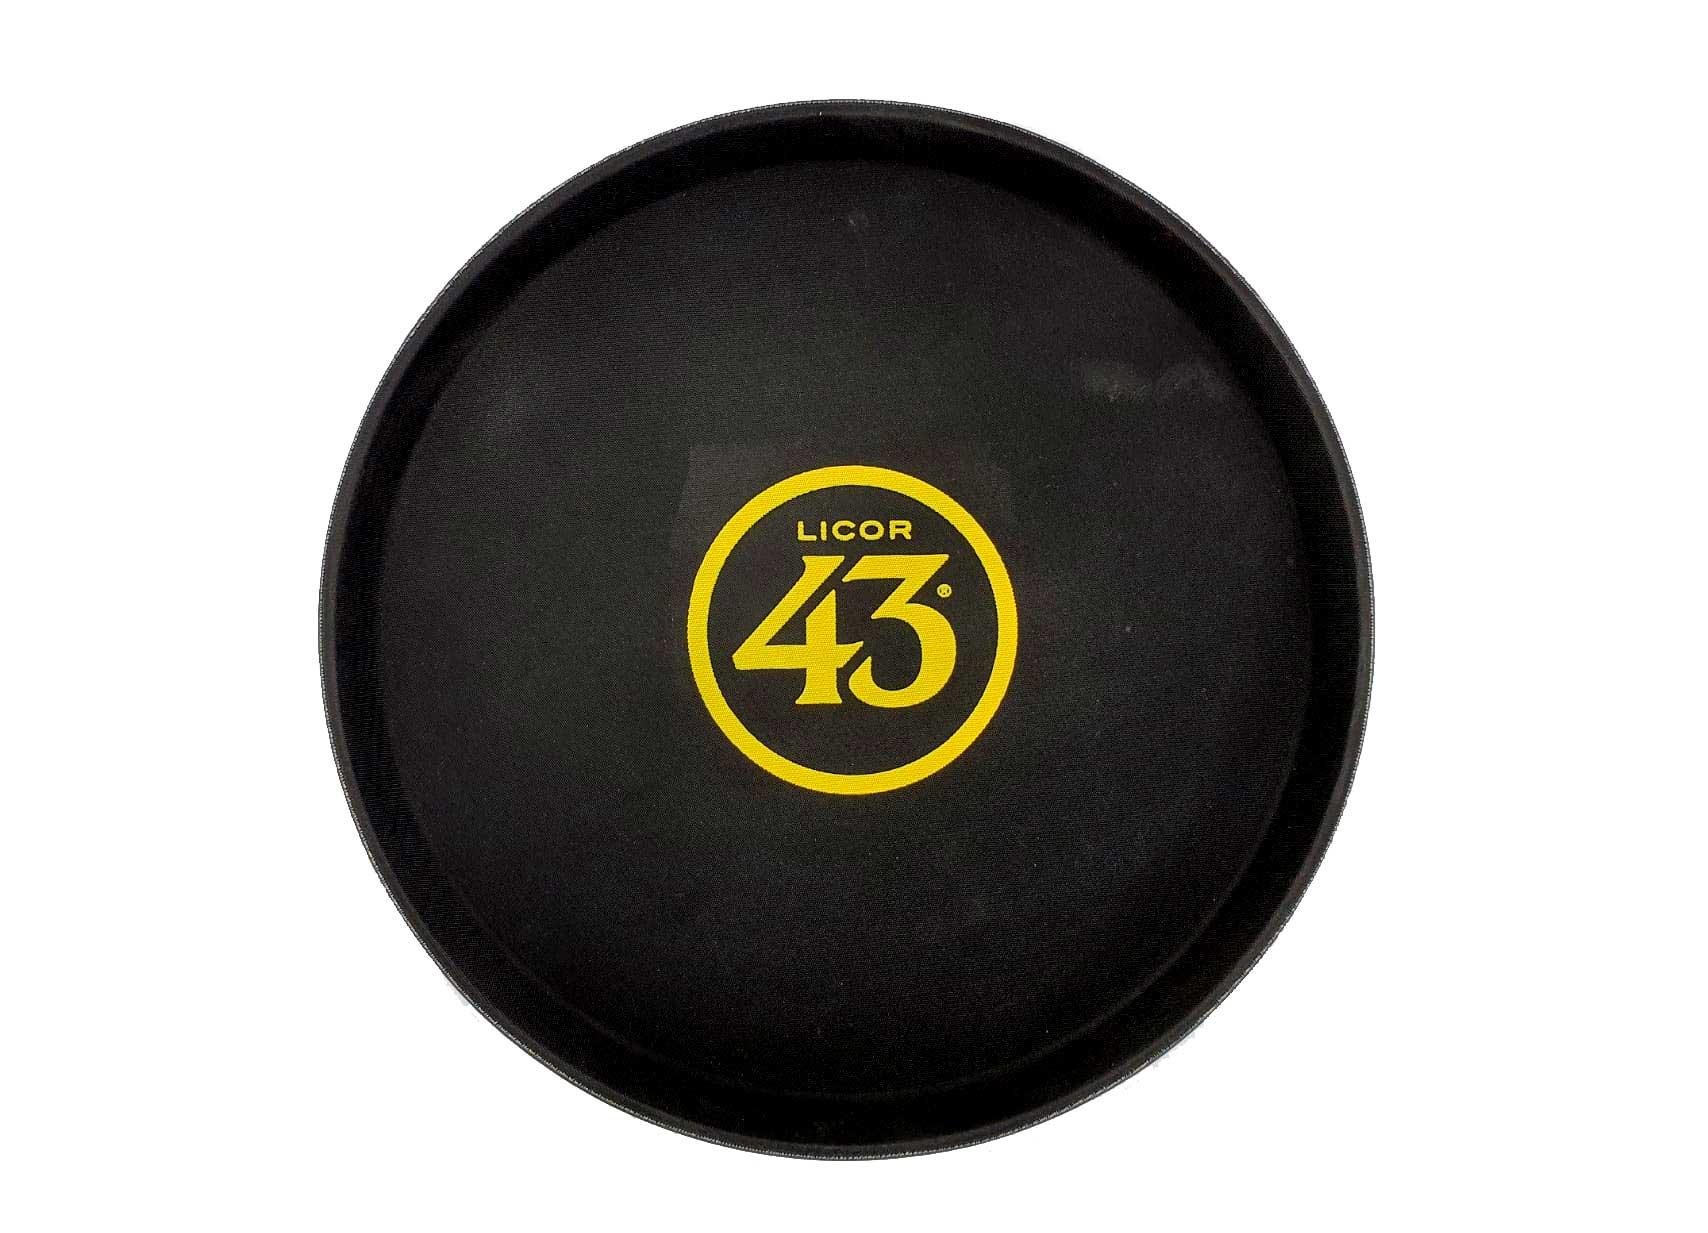 Licor 43 Tabelett - Kellnertablett in schwarz Rutschfest Likör Liquor 43er